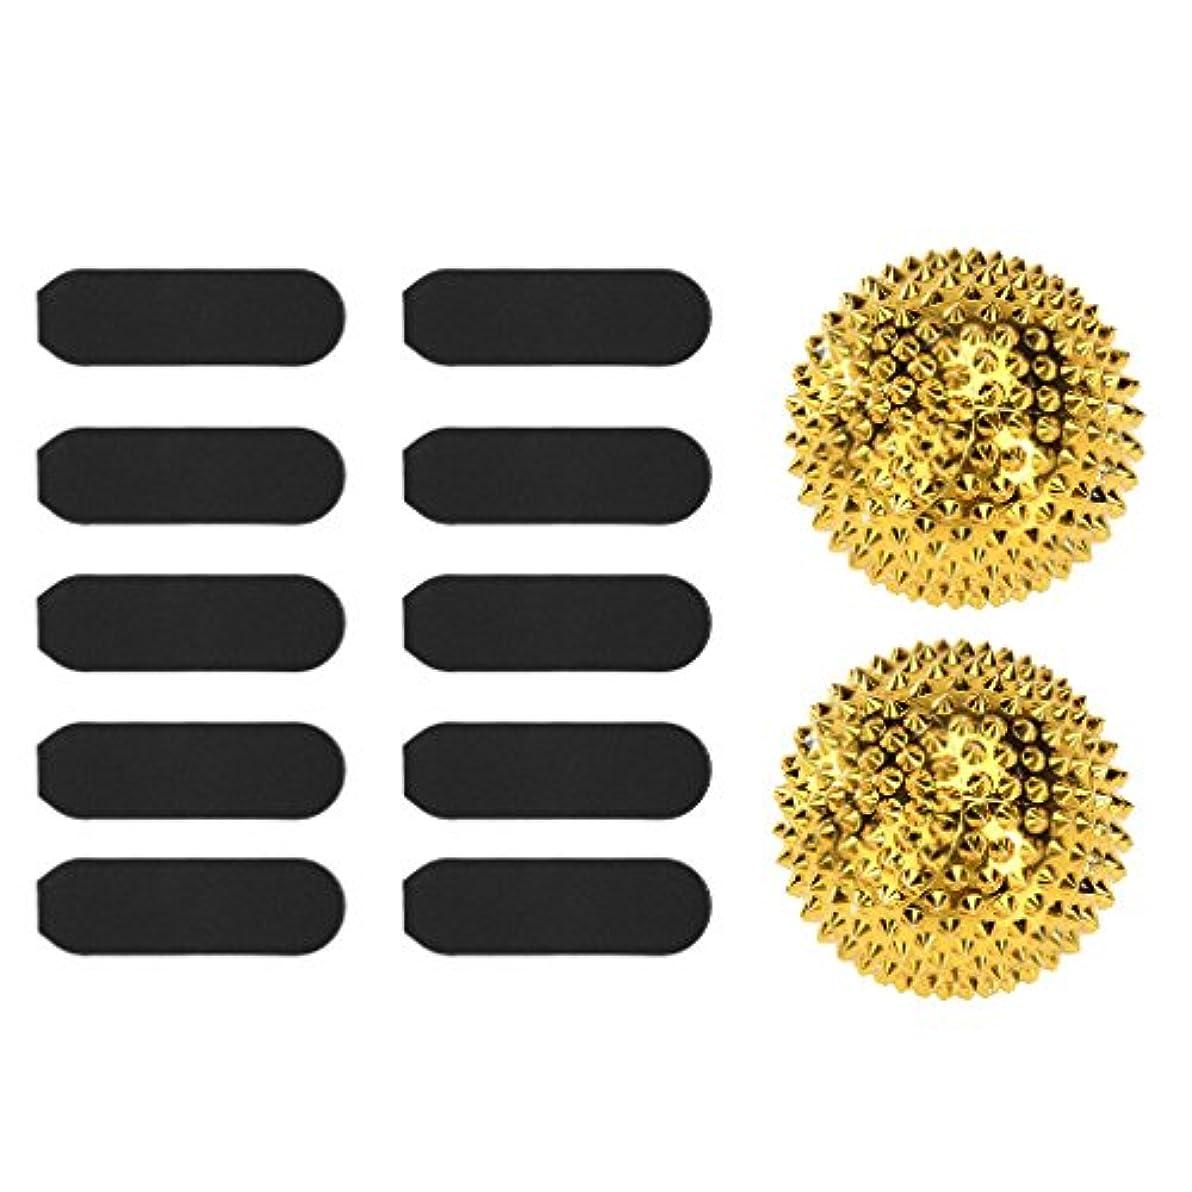 ホームレス効果的独占SONONIA マッサージ用 刺激 ボール 疲労軽減 +  10枚 サンドペーパー デッド スキン カルス リムーバー ツール